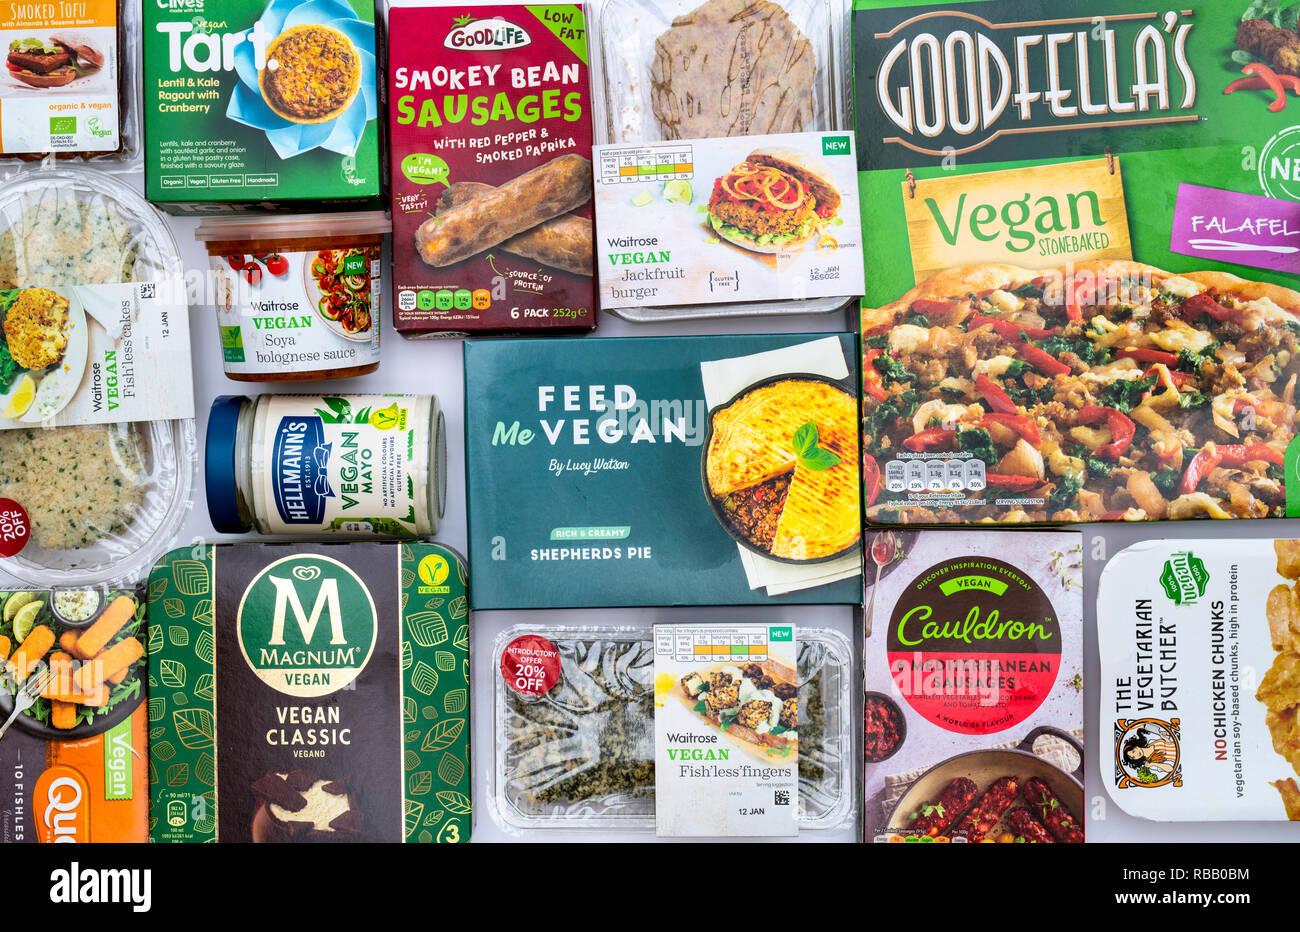 Vegane Produkte Verpackung Muster. Großbritannien Stockbild